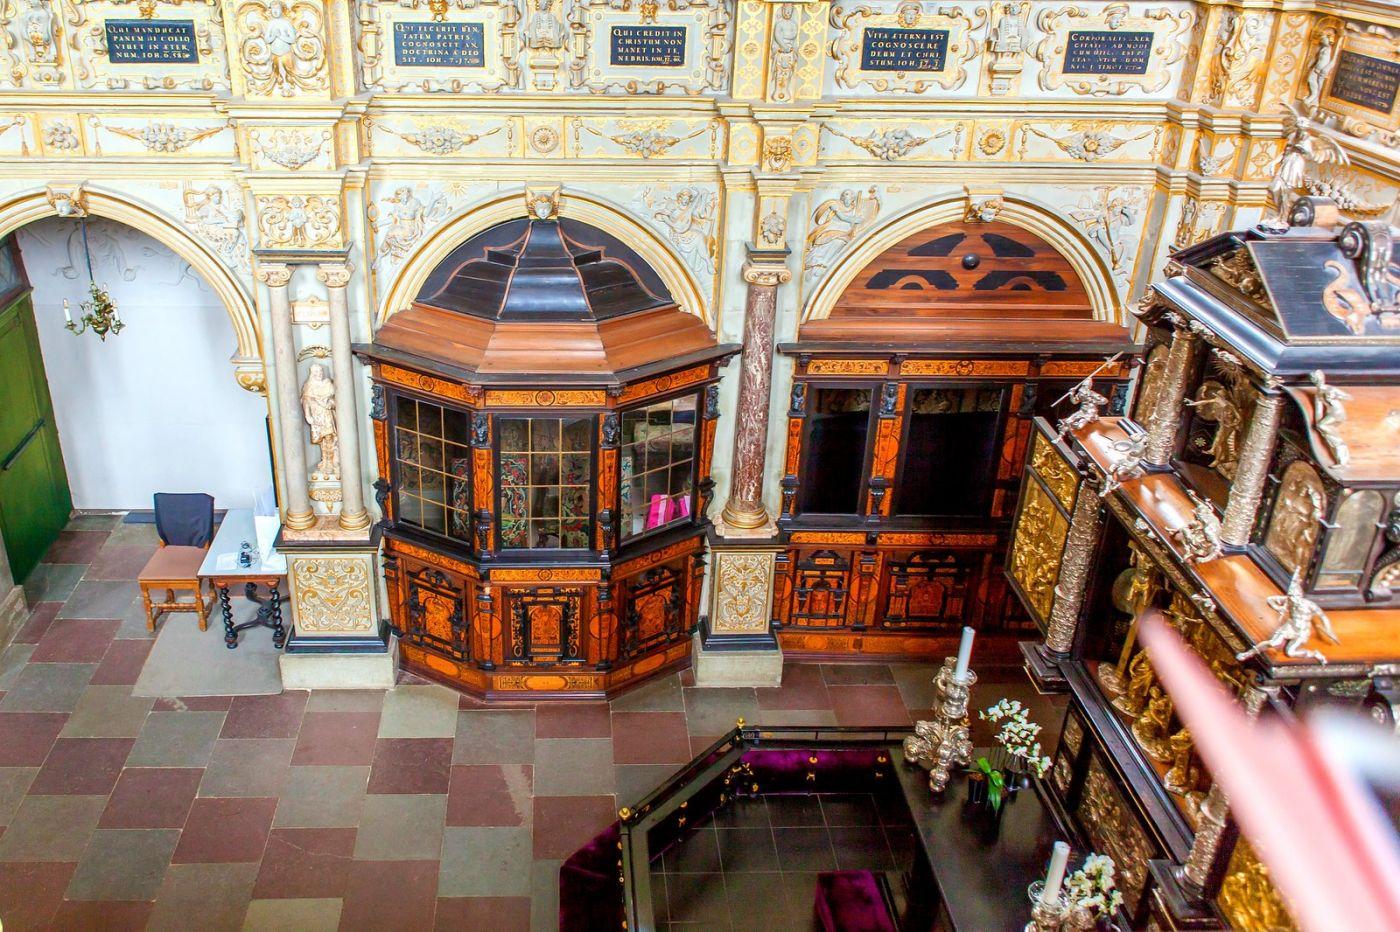 丹麦腓特烈堡城堡,很惊叹主厅吊顶_图1-9